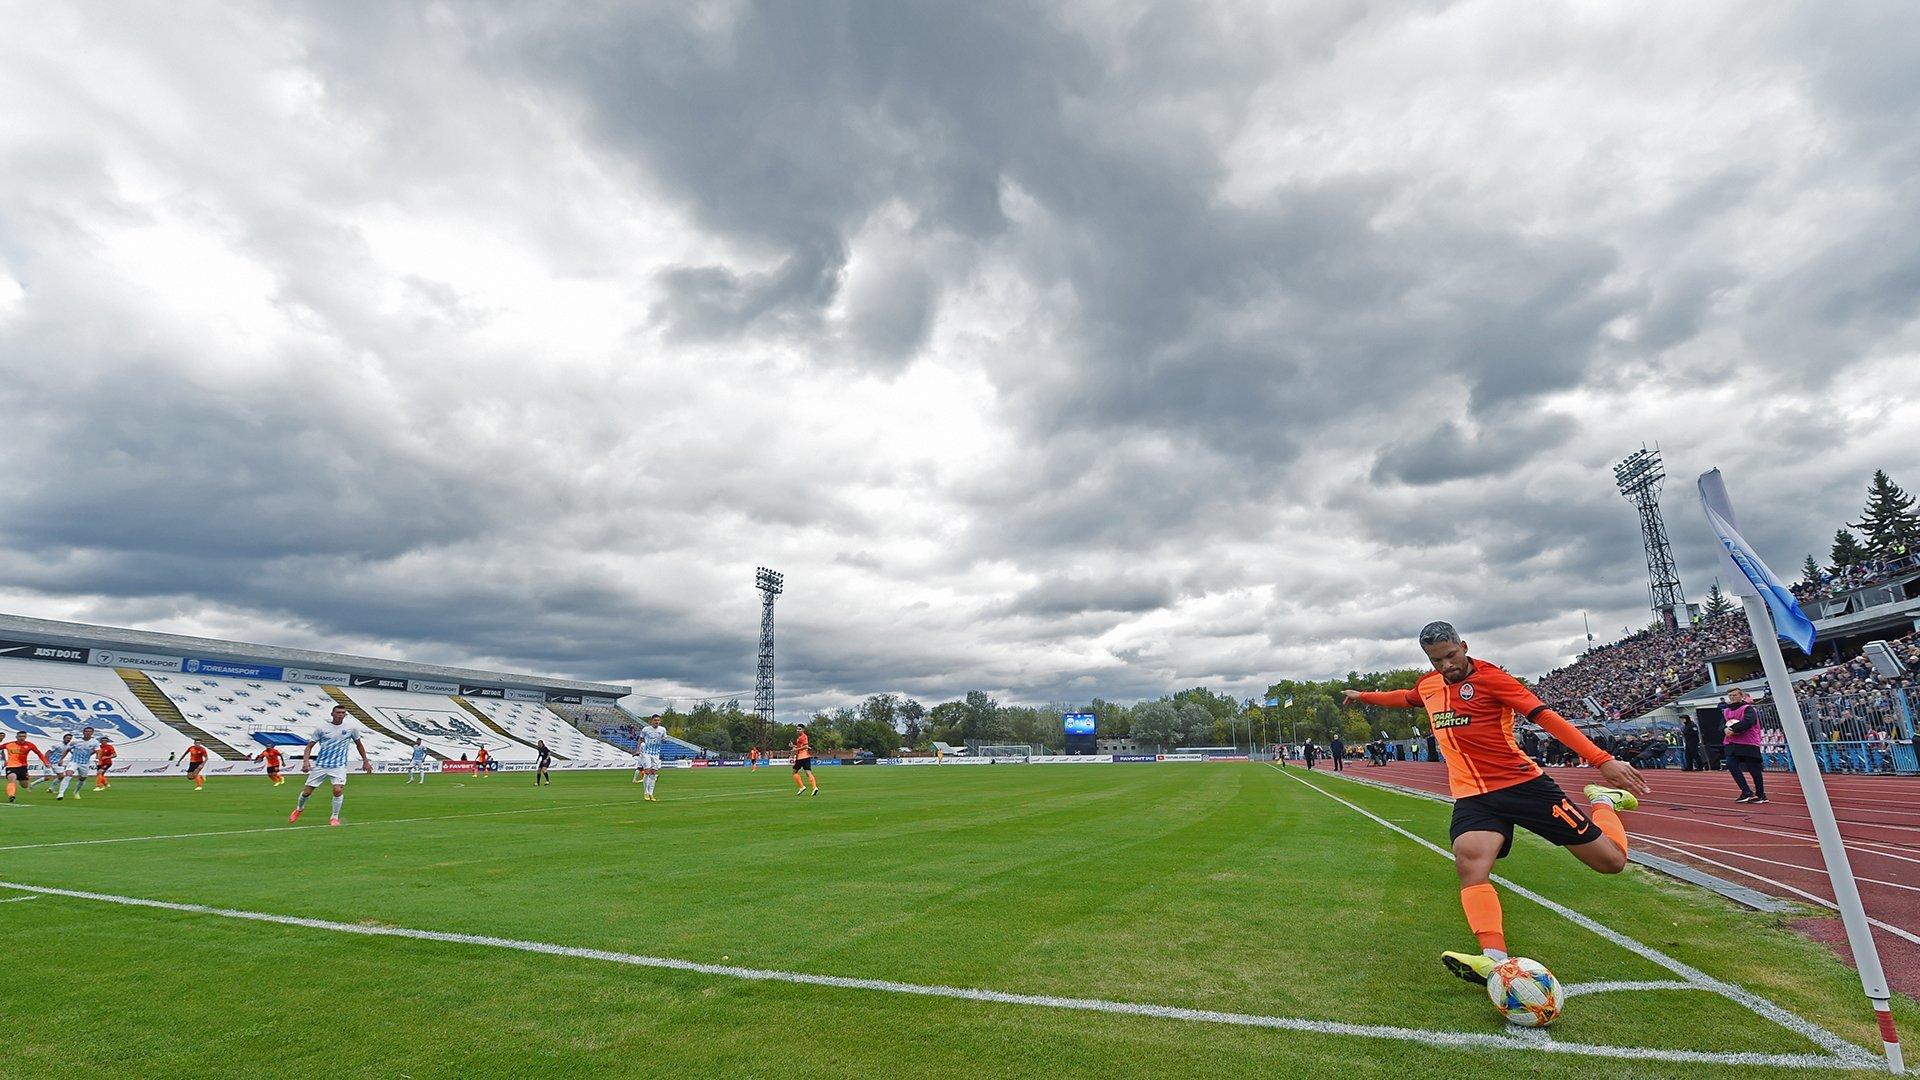 Где и как ходят на футбол: в Полтаве праздник - если бы не счет на табло... - изображение 1